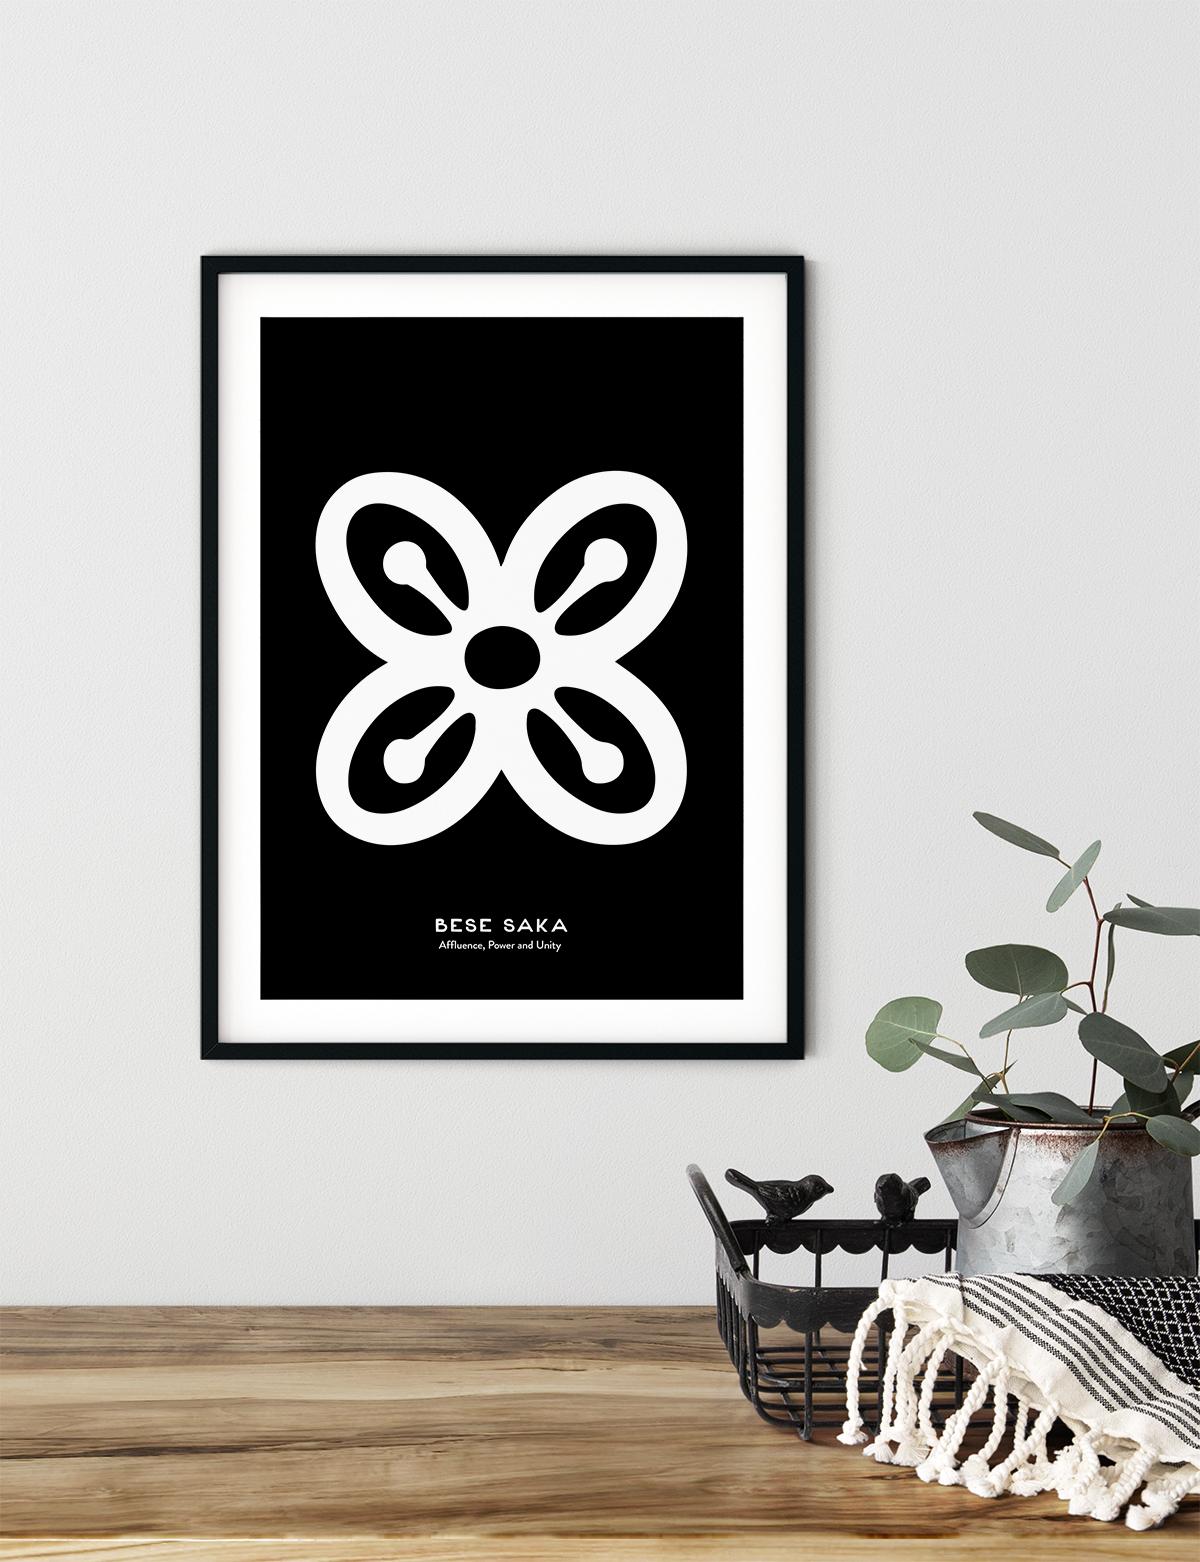 Bese Saka, Adinkra Symbol, African Art Print Black